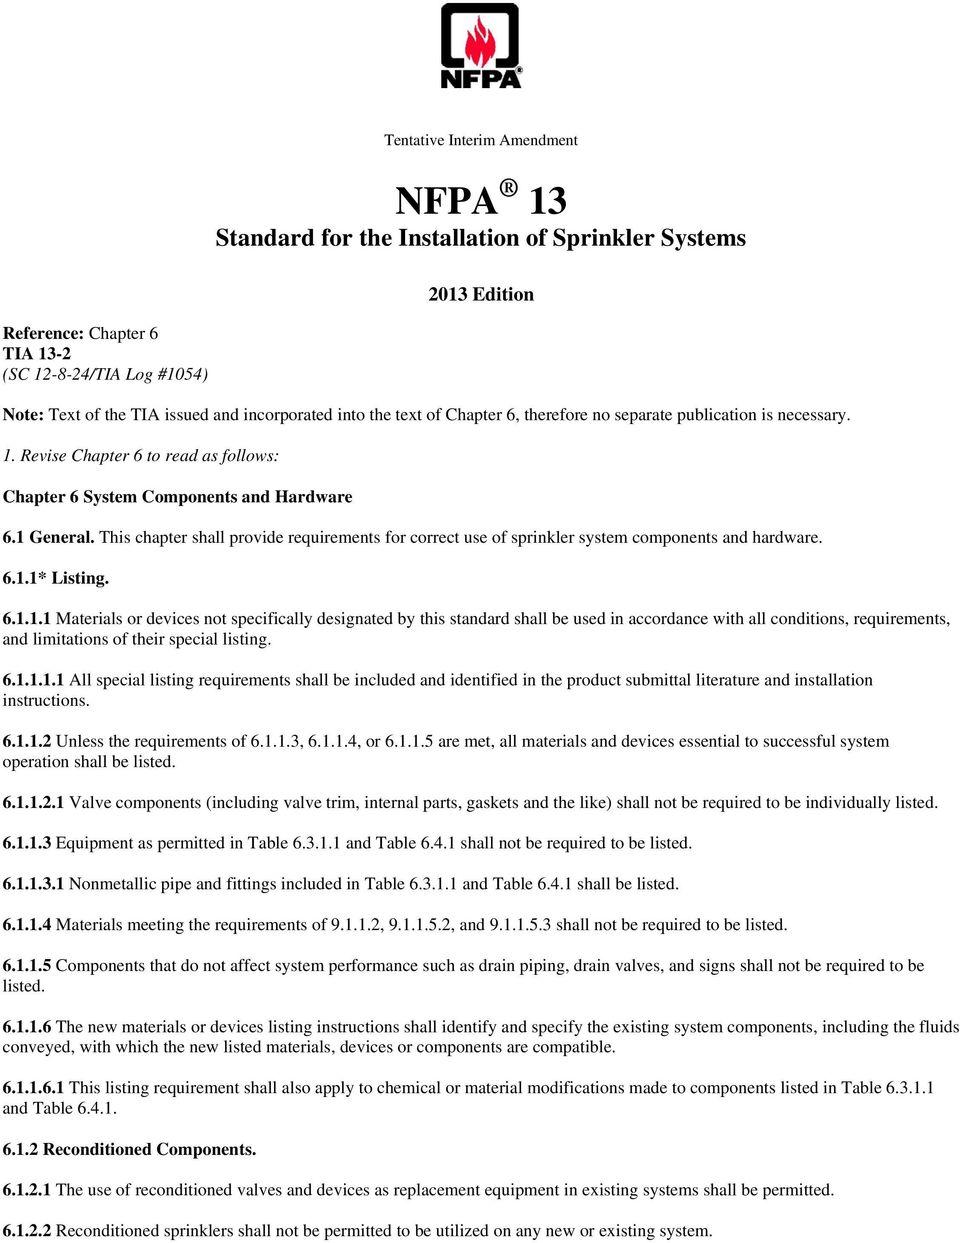 Nfpa 13 Pdf Free